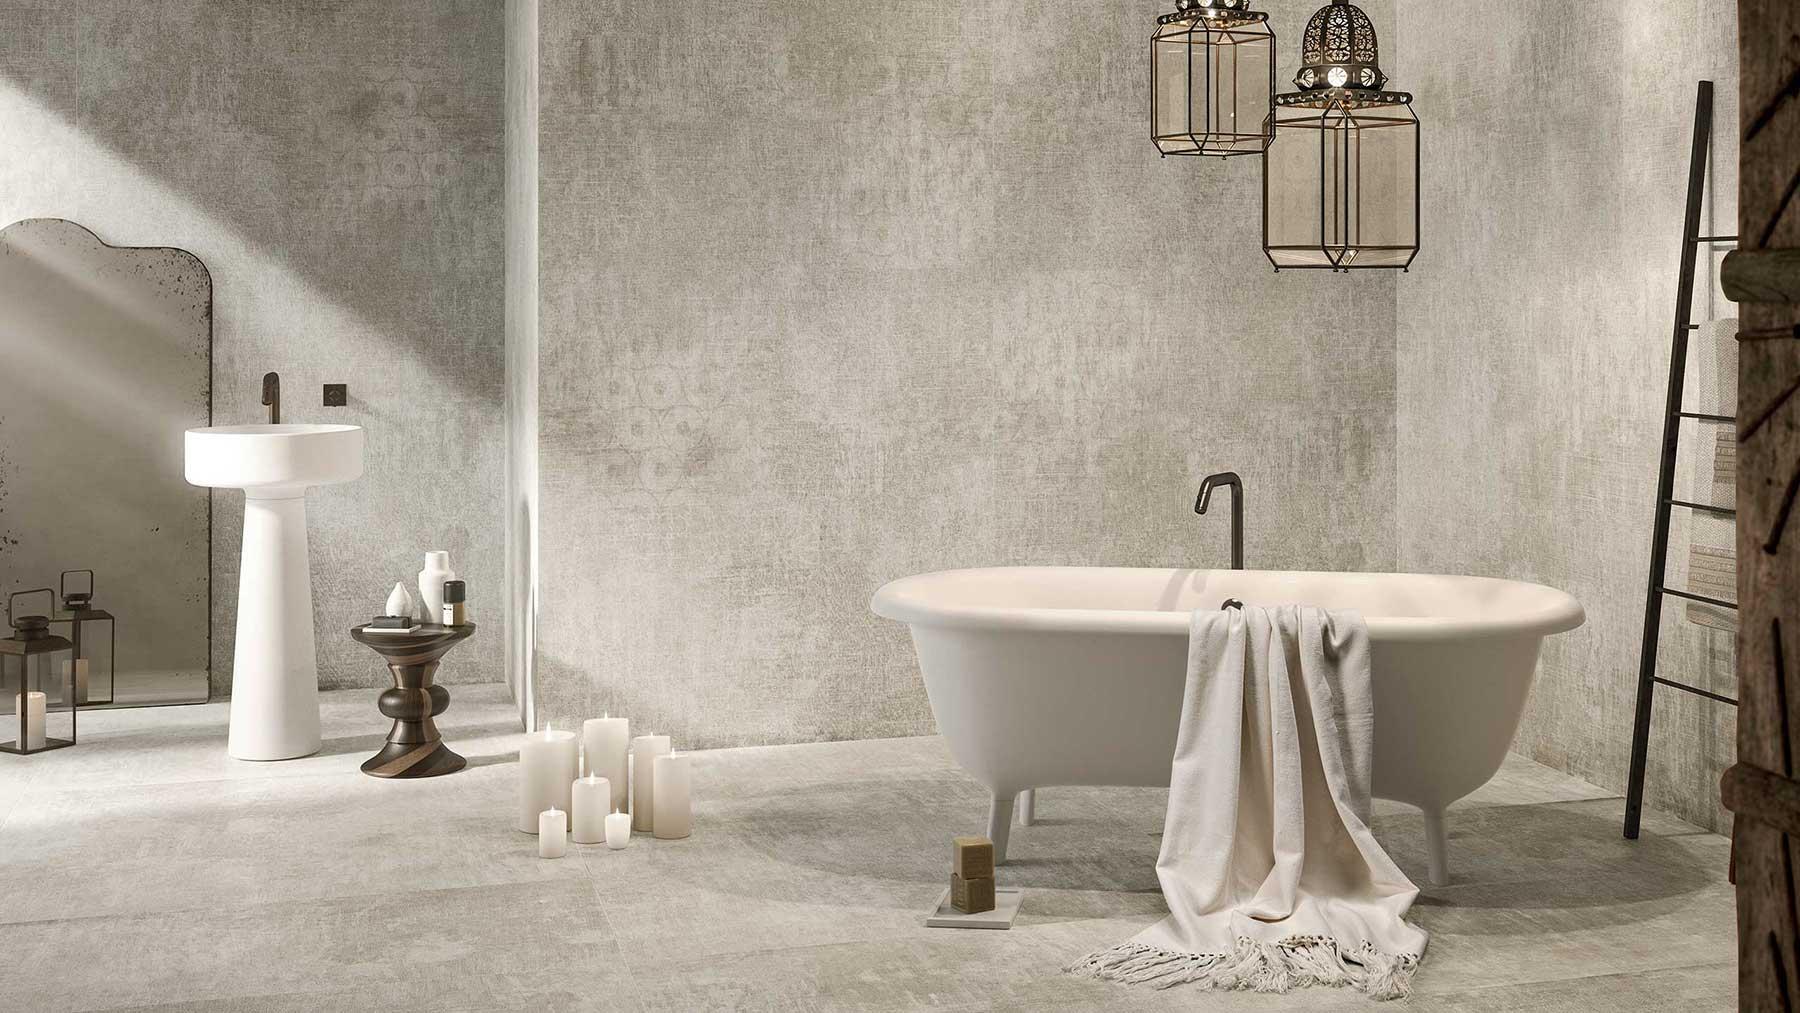 Gạch lát nhà tắm bề mặt nhám (mờ)